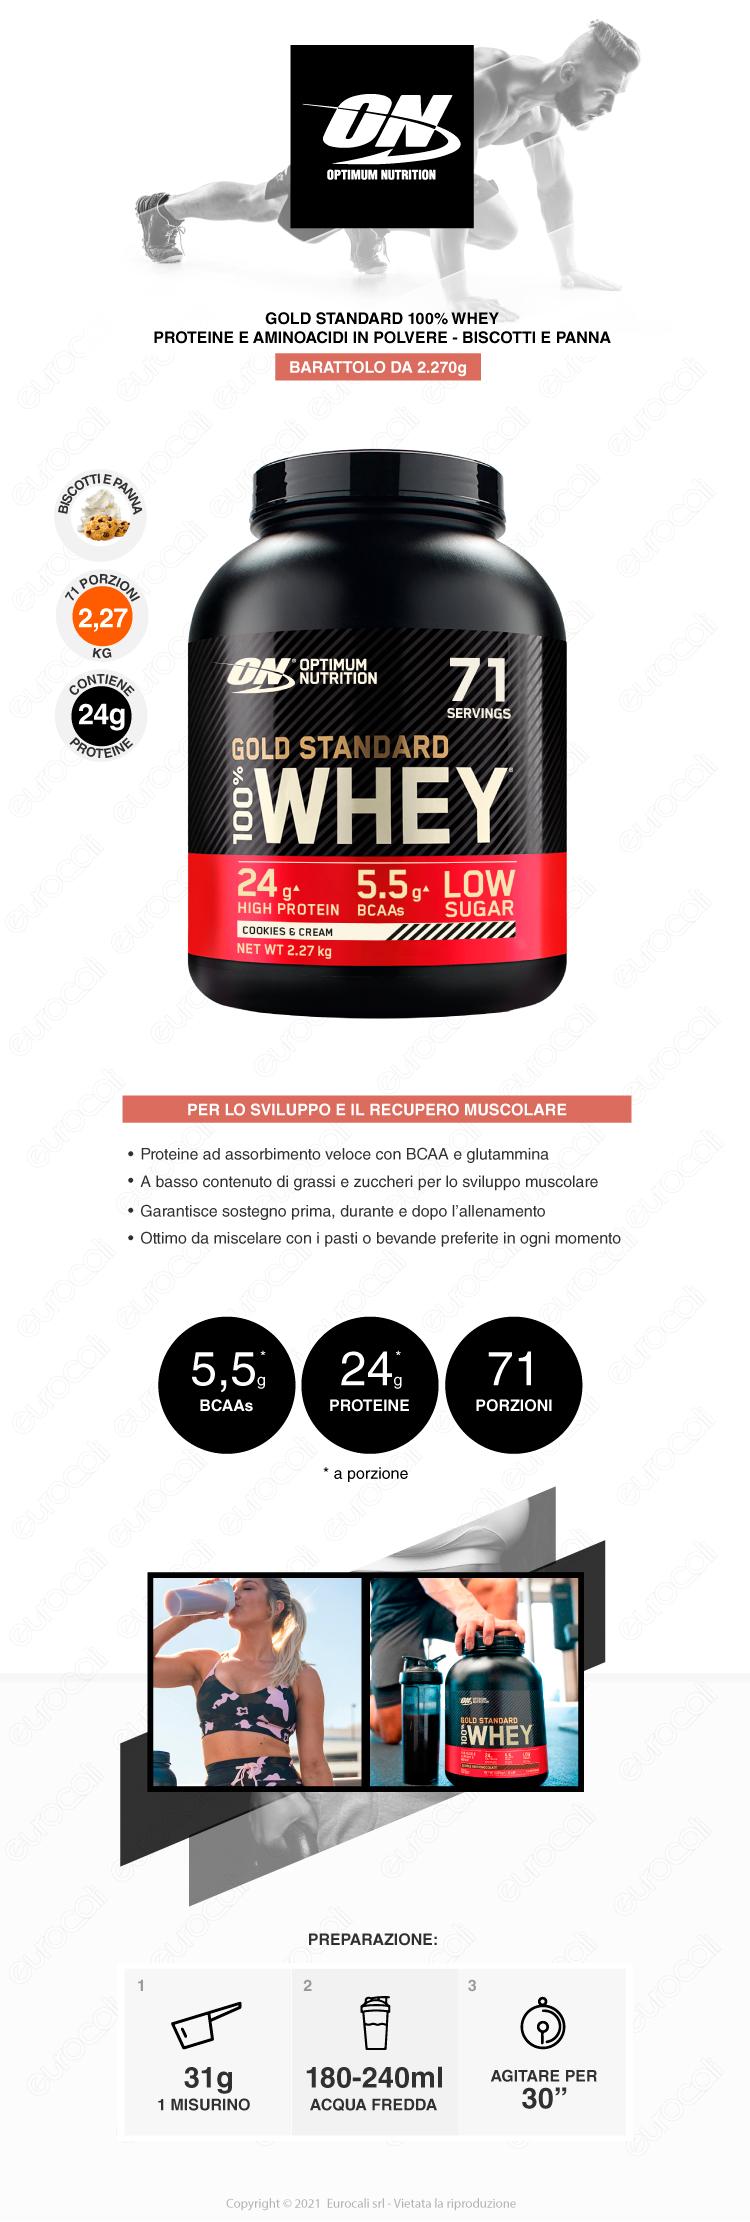 Proteine e aminoacidi in polvere sviluppo muscolare